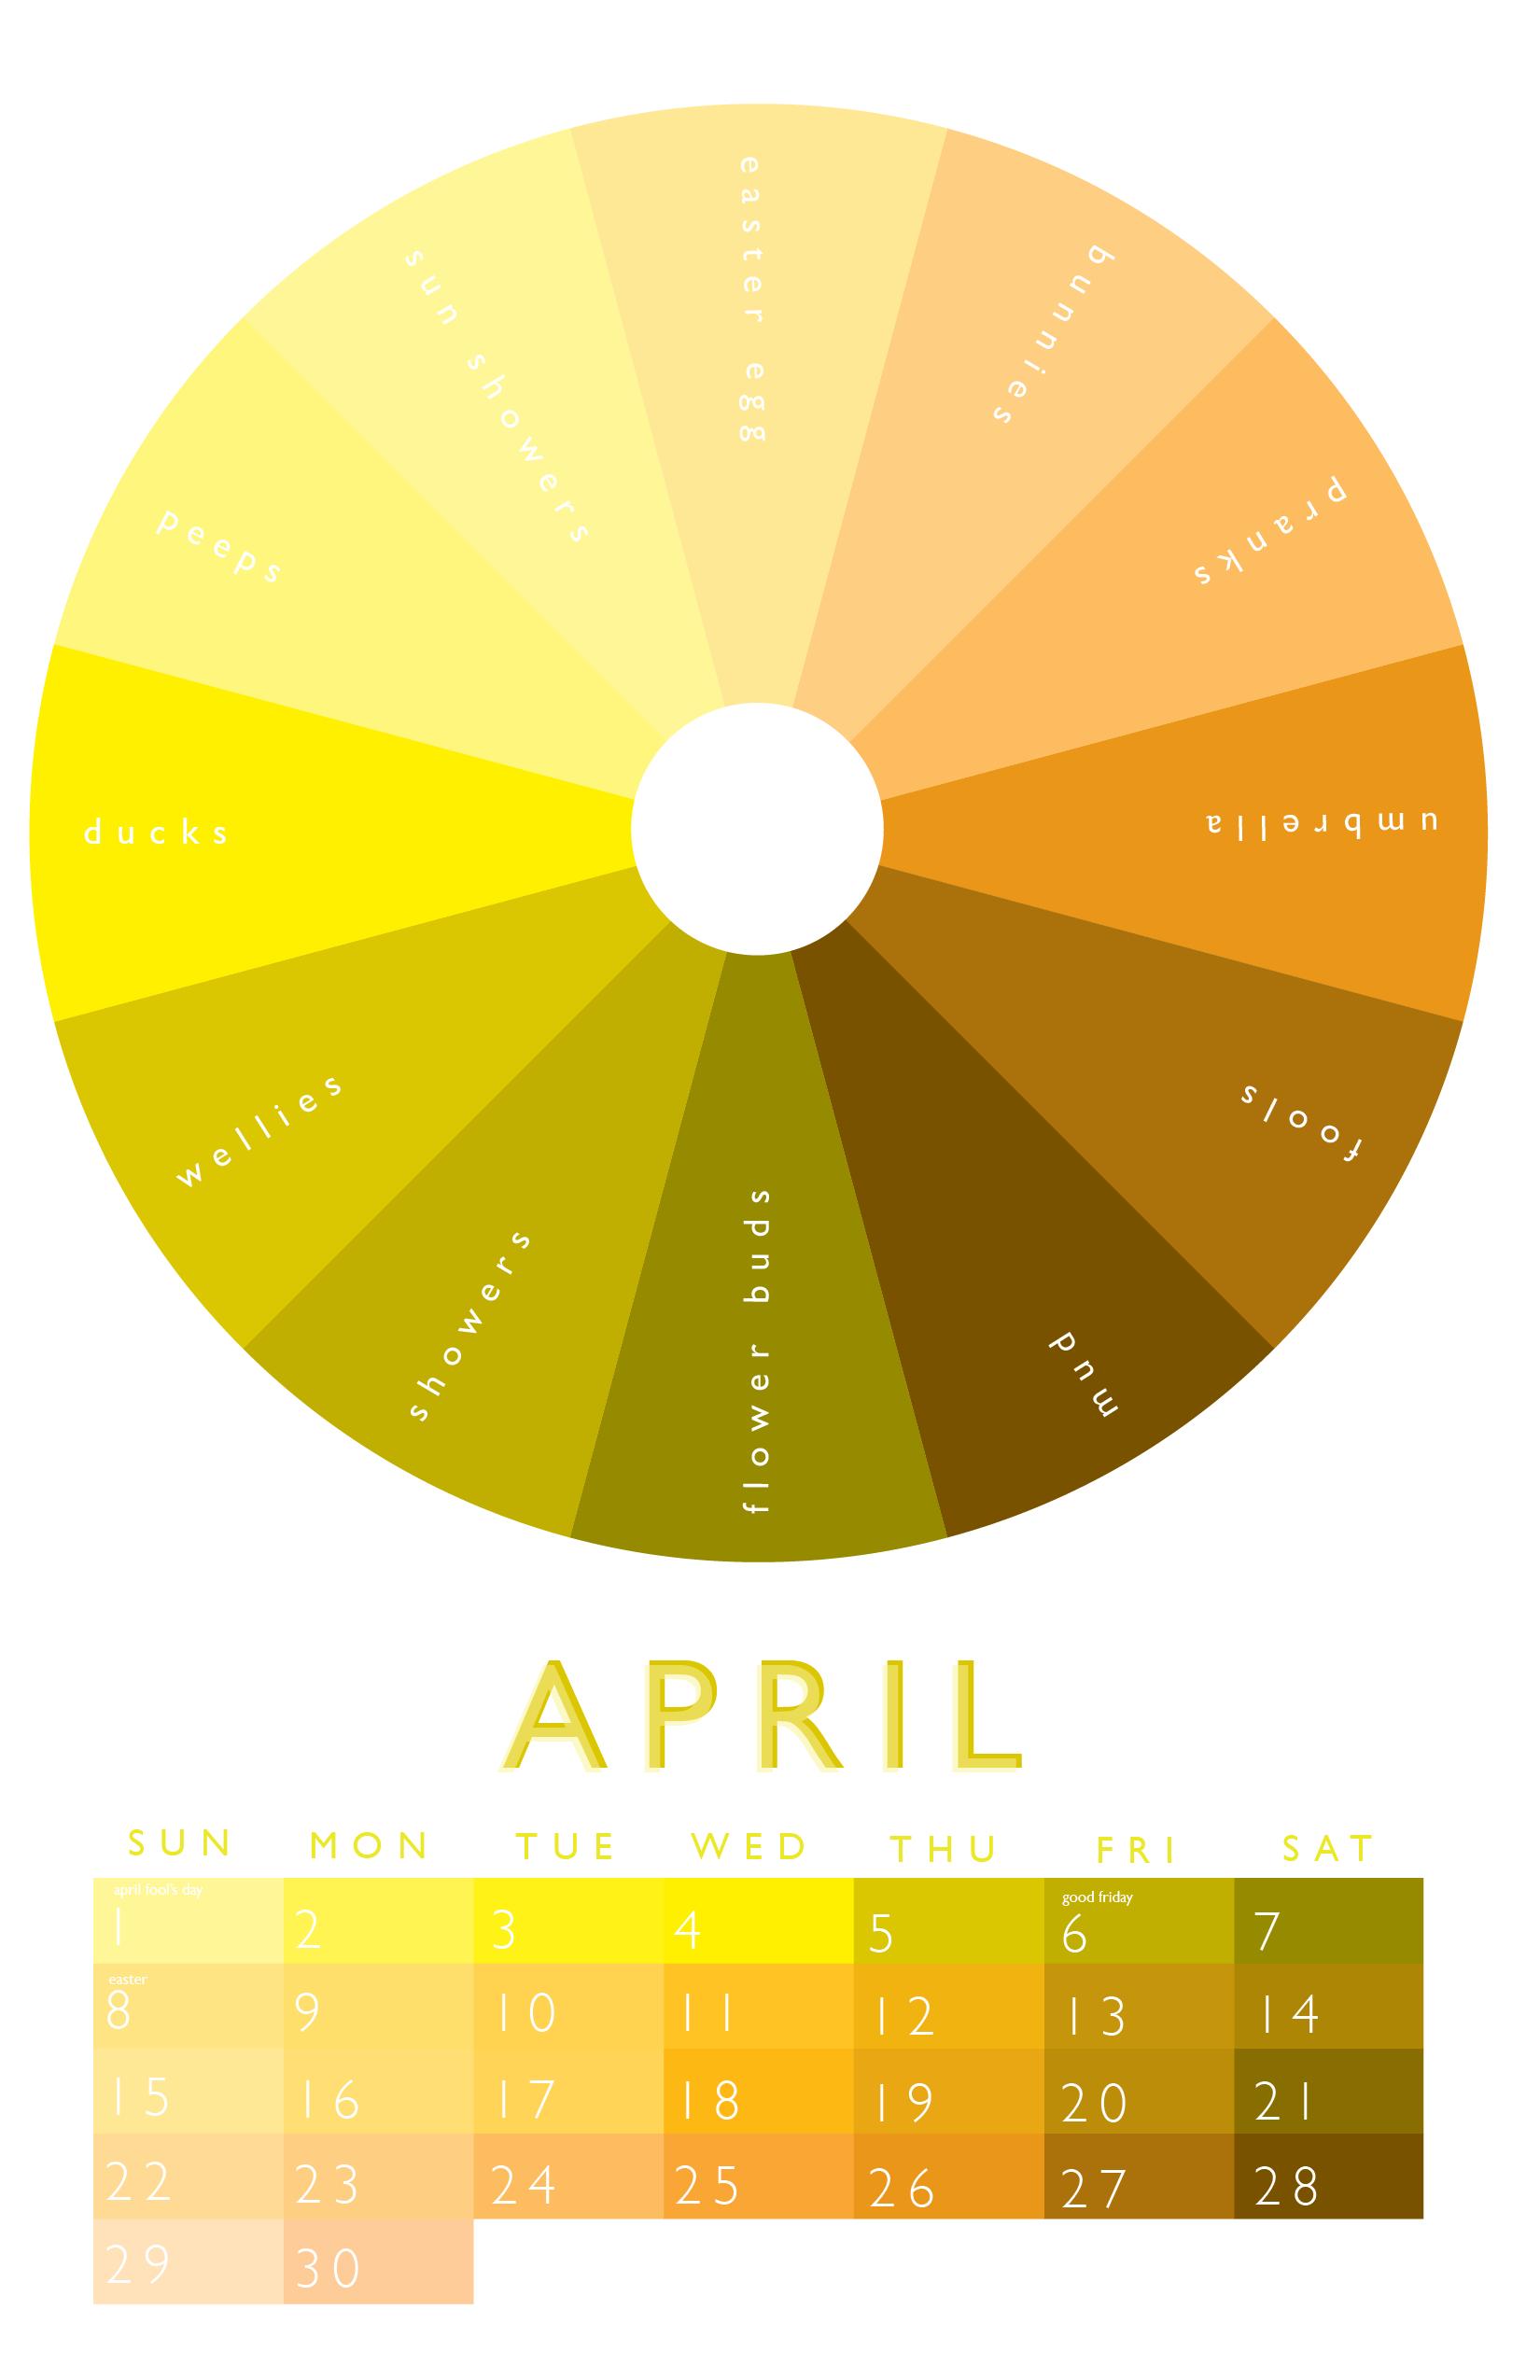 April - Graphic Designs | Month colors, Color wheel, Color